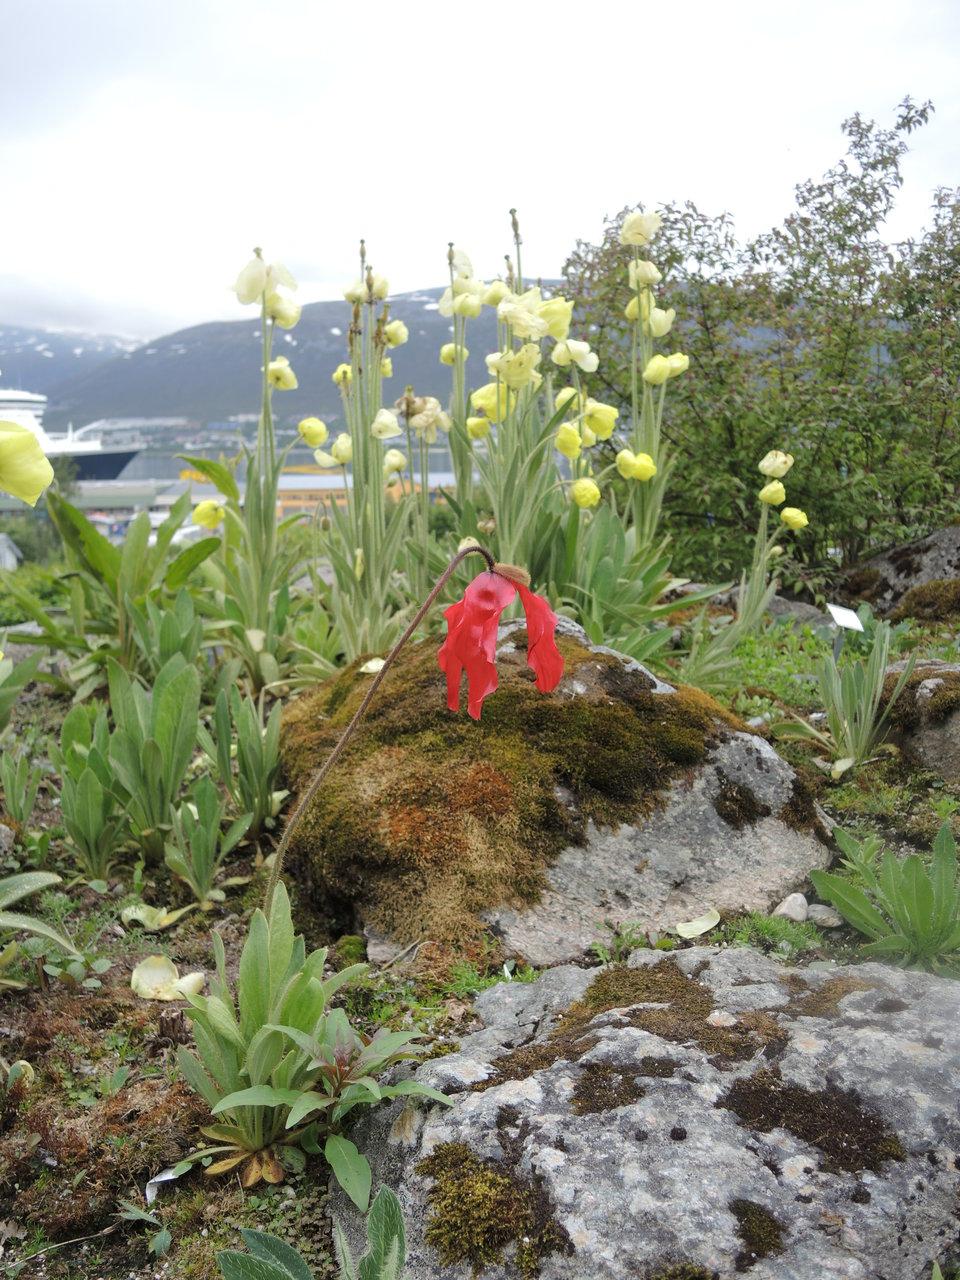 Самый северный ботанический сад. Тромсё, Норвегия 2013 год